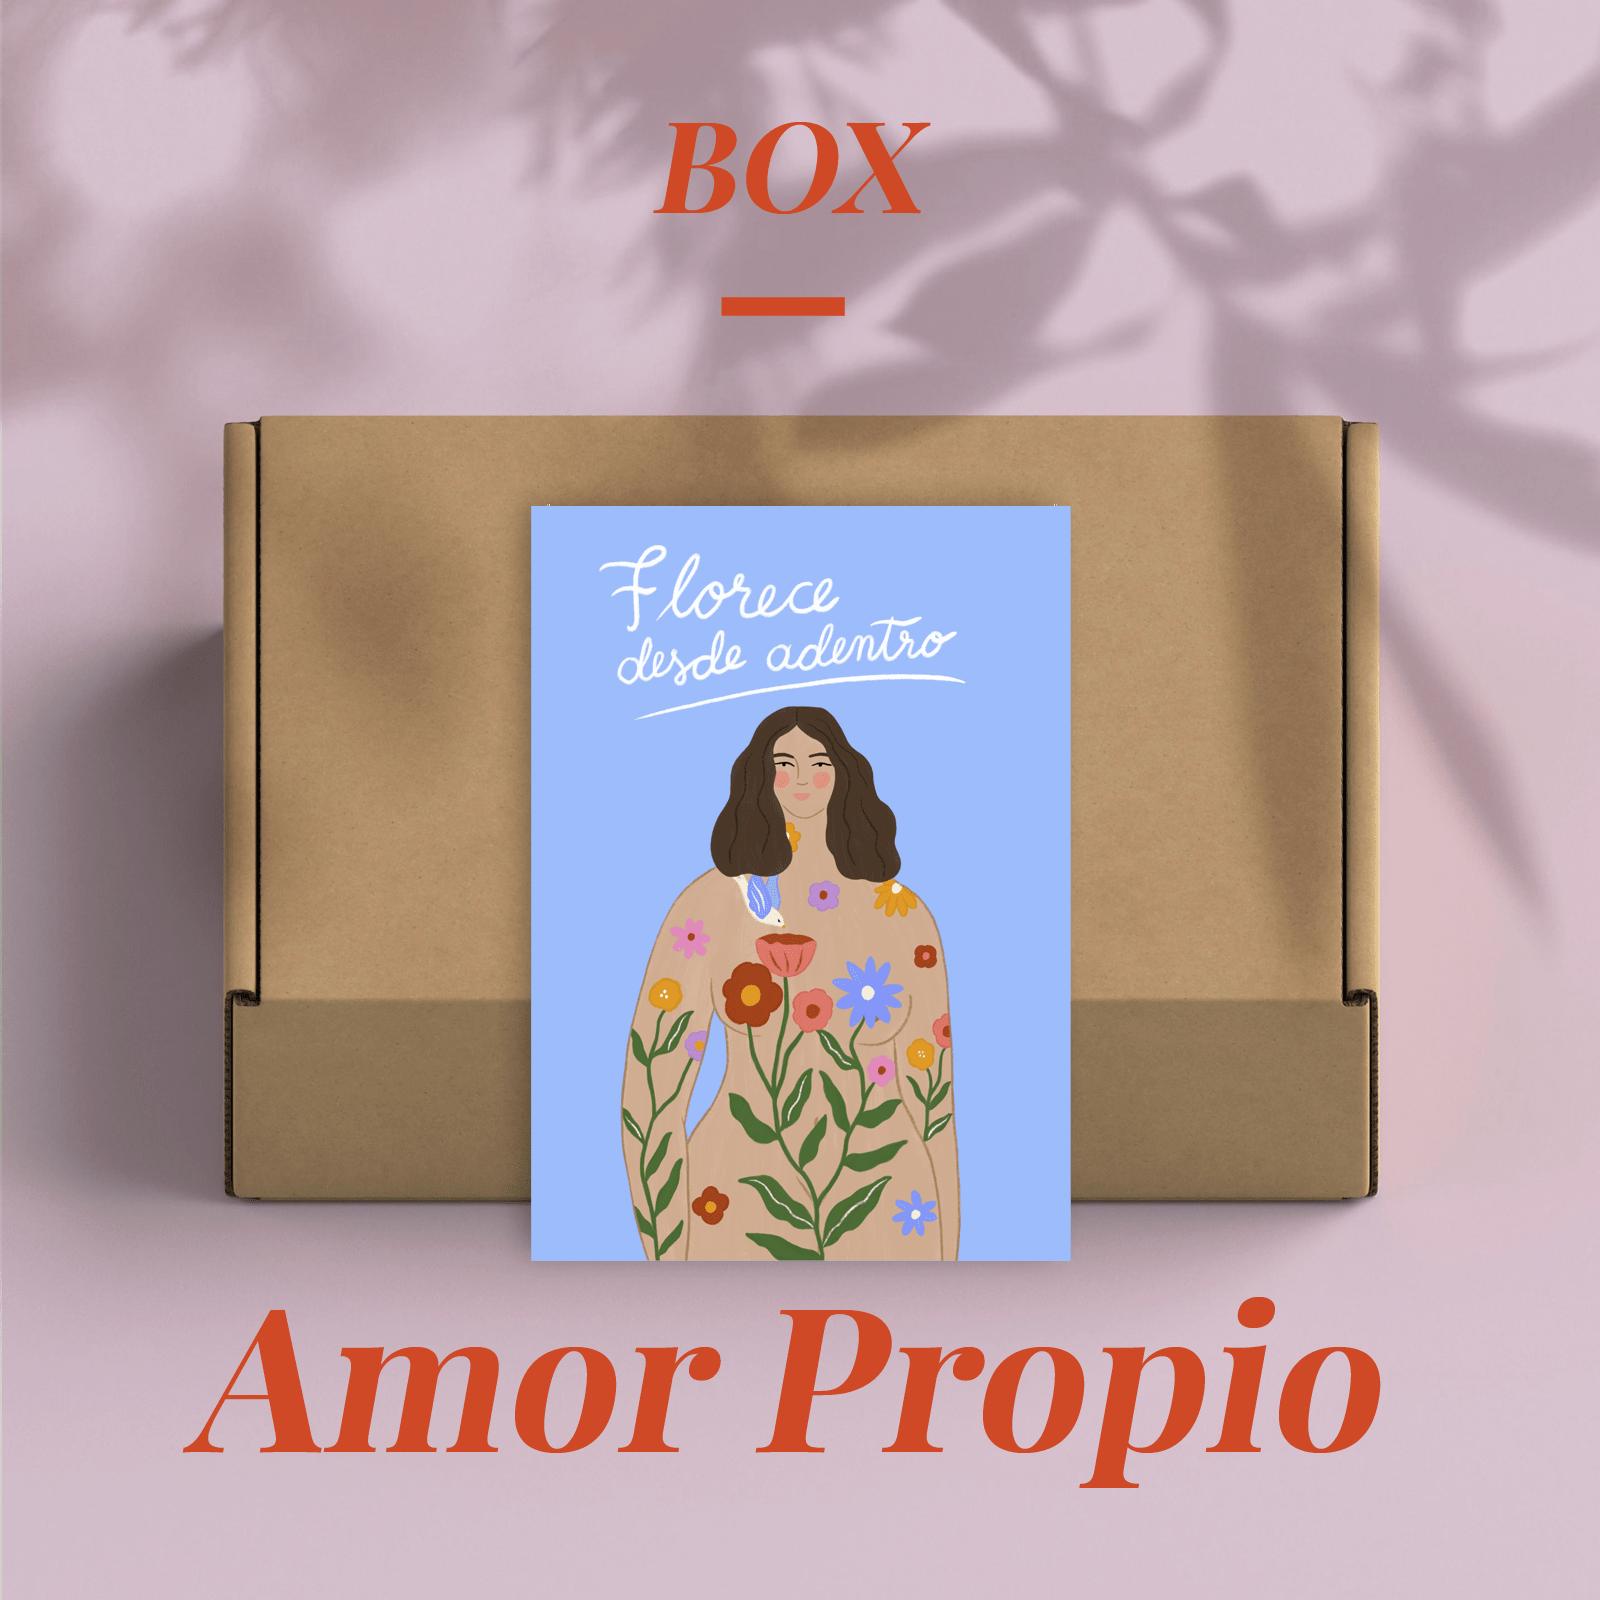 Box Amor Propio - Caja del Alma